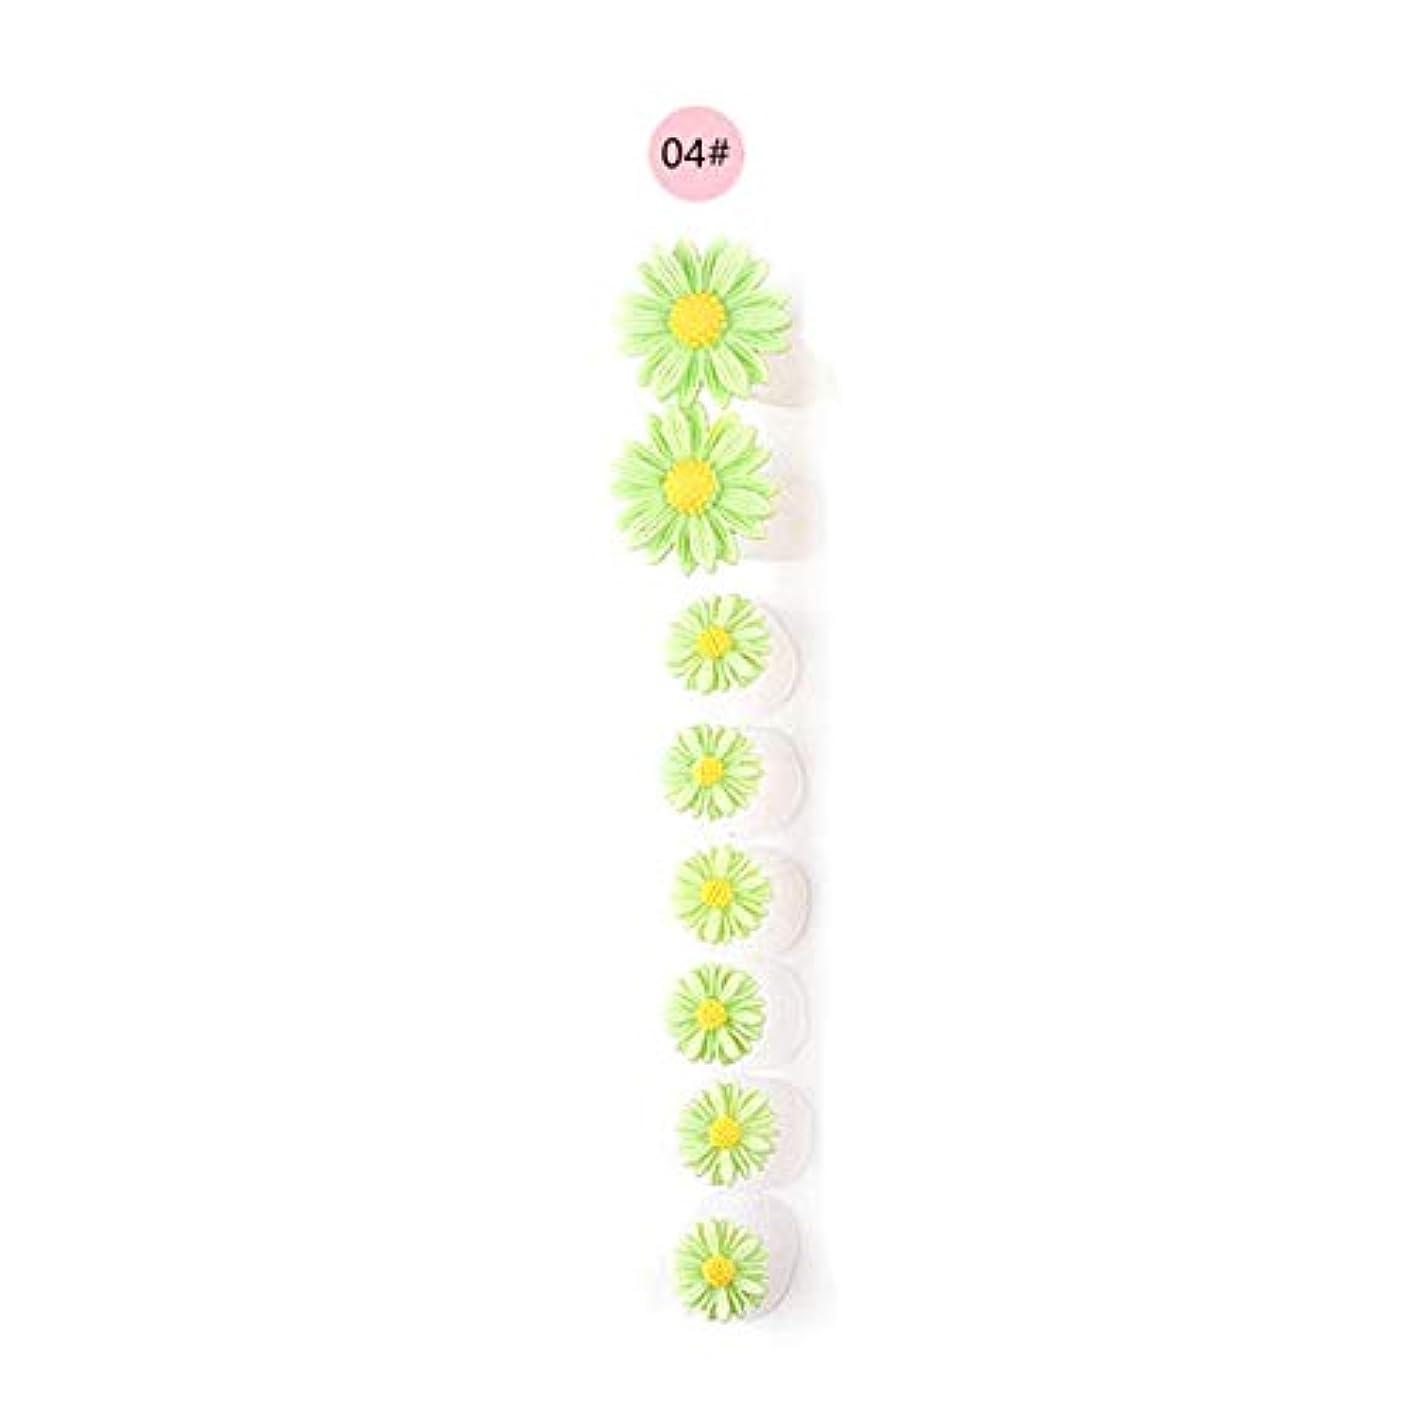 代理店風味テクスチャー8ピース/セットシリコンつま先セパレーター足つま先スペーサー花形ペディキュアDIYネイルアートツール-カラフル04#